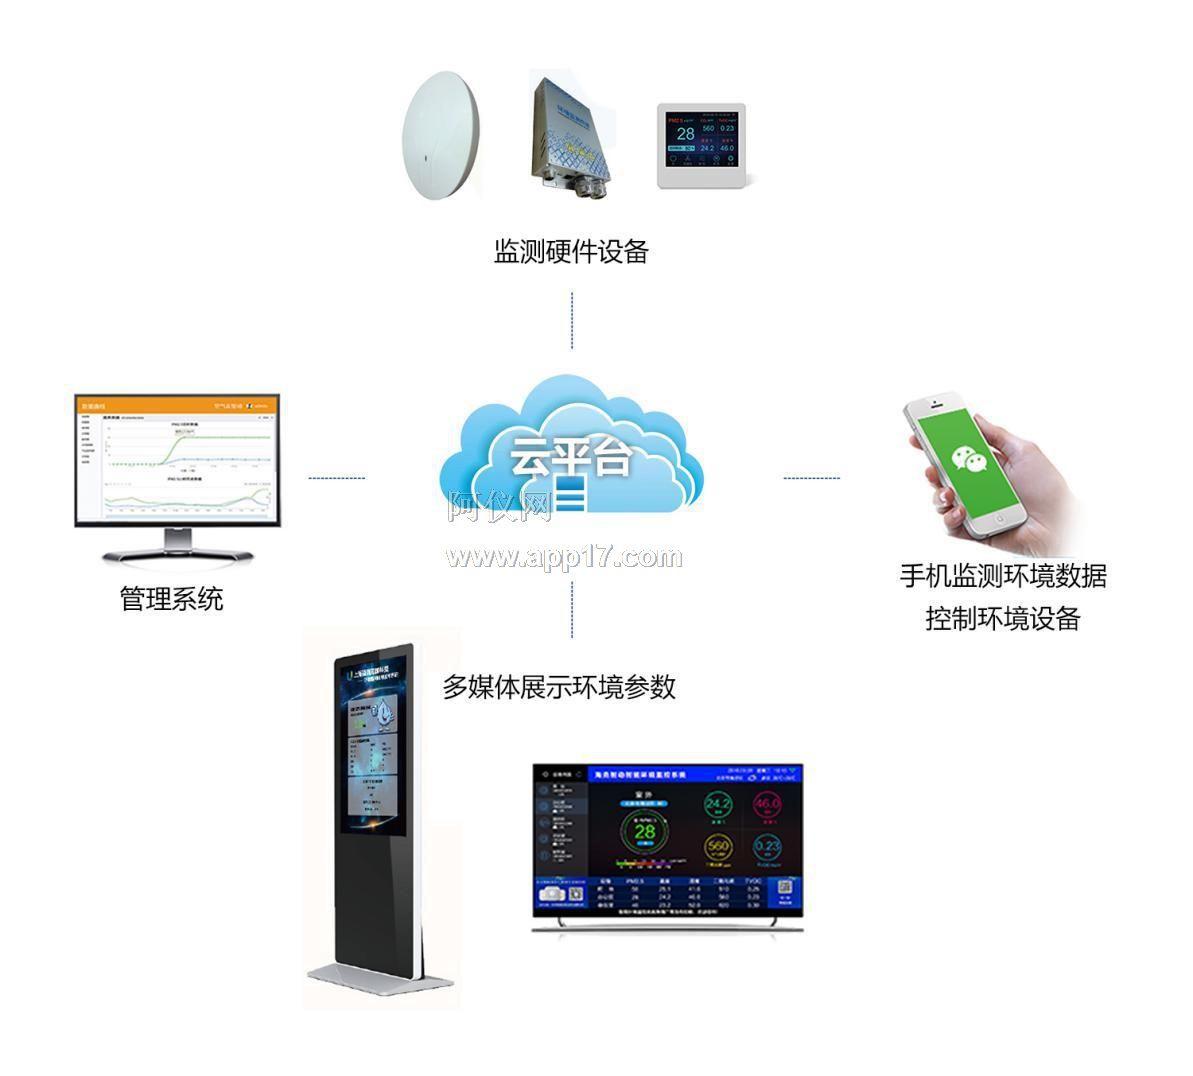 室内环境监测系统的系统结构-网络部署(以局域网为例)